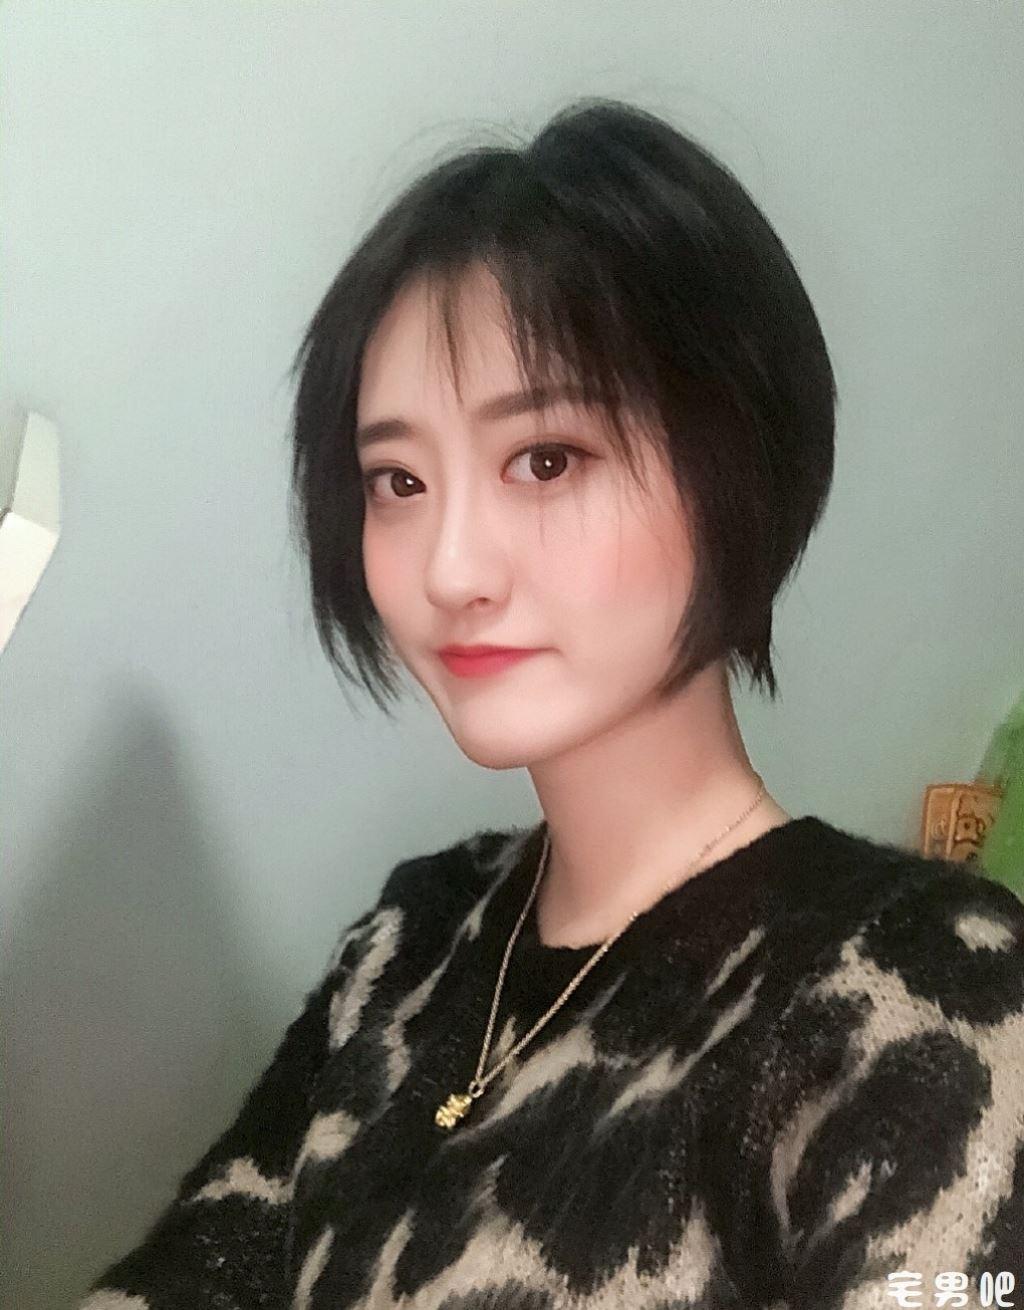 今日妹子图 20181217 98出生的小姐姐 @周凯旋Tiffany